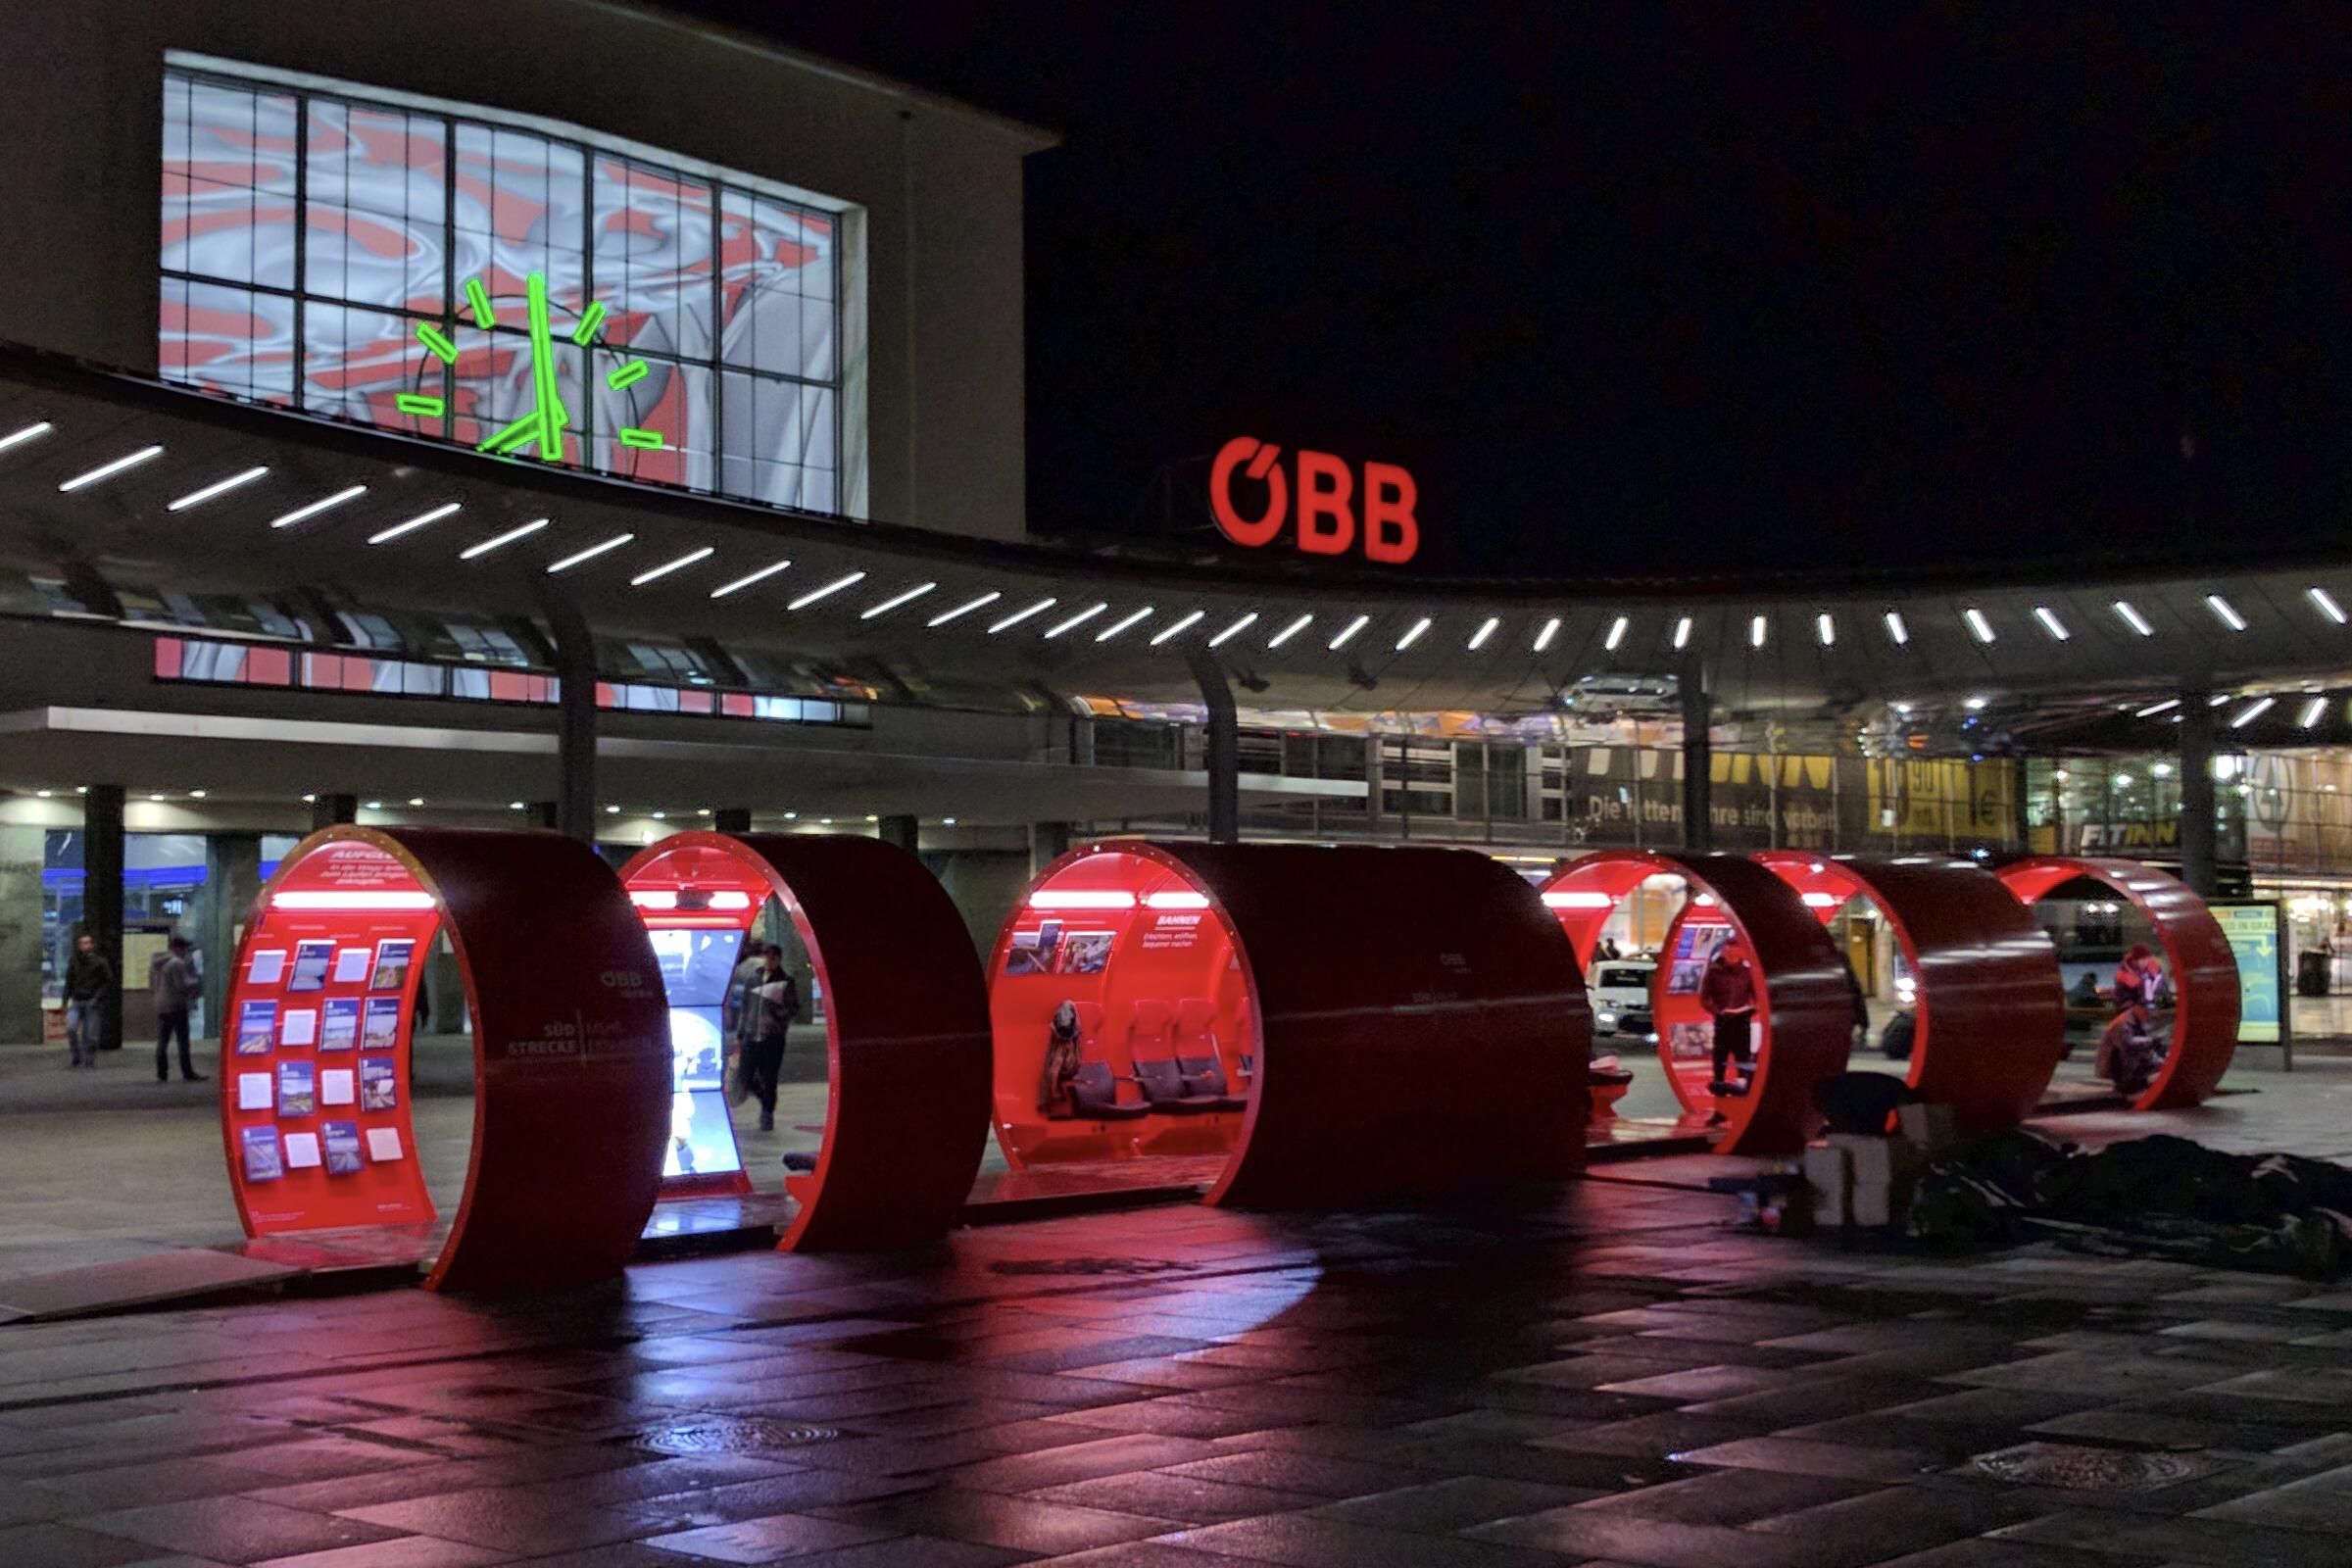 ÖBB on Tour, Roadshow durchgeführt von KOOP Live Marketing Roadshows Graz, Wien, Steyregg/Linz